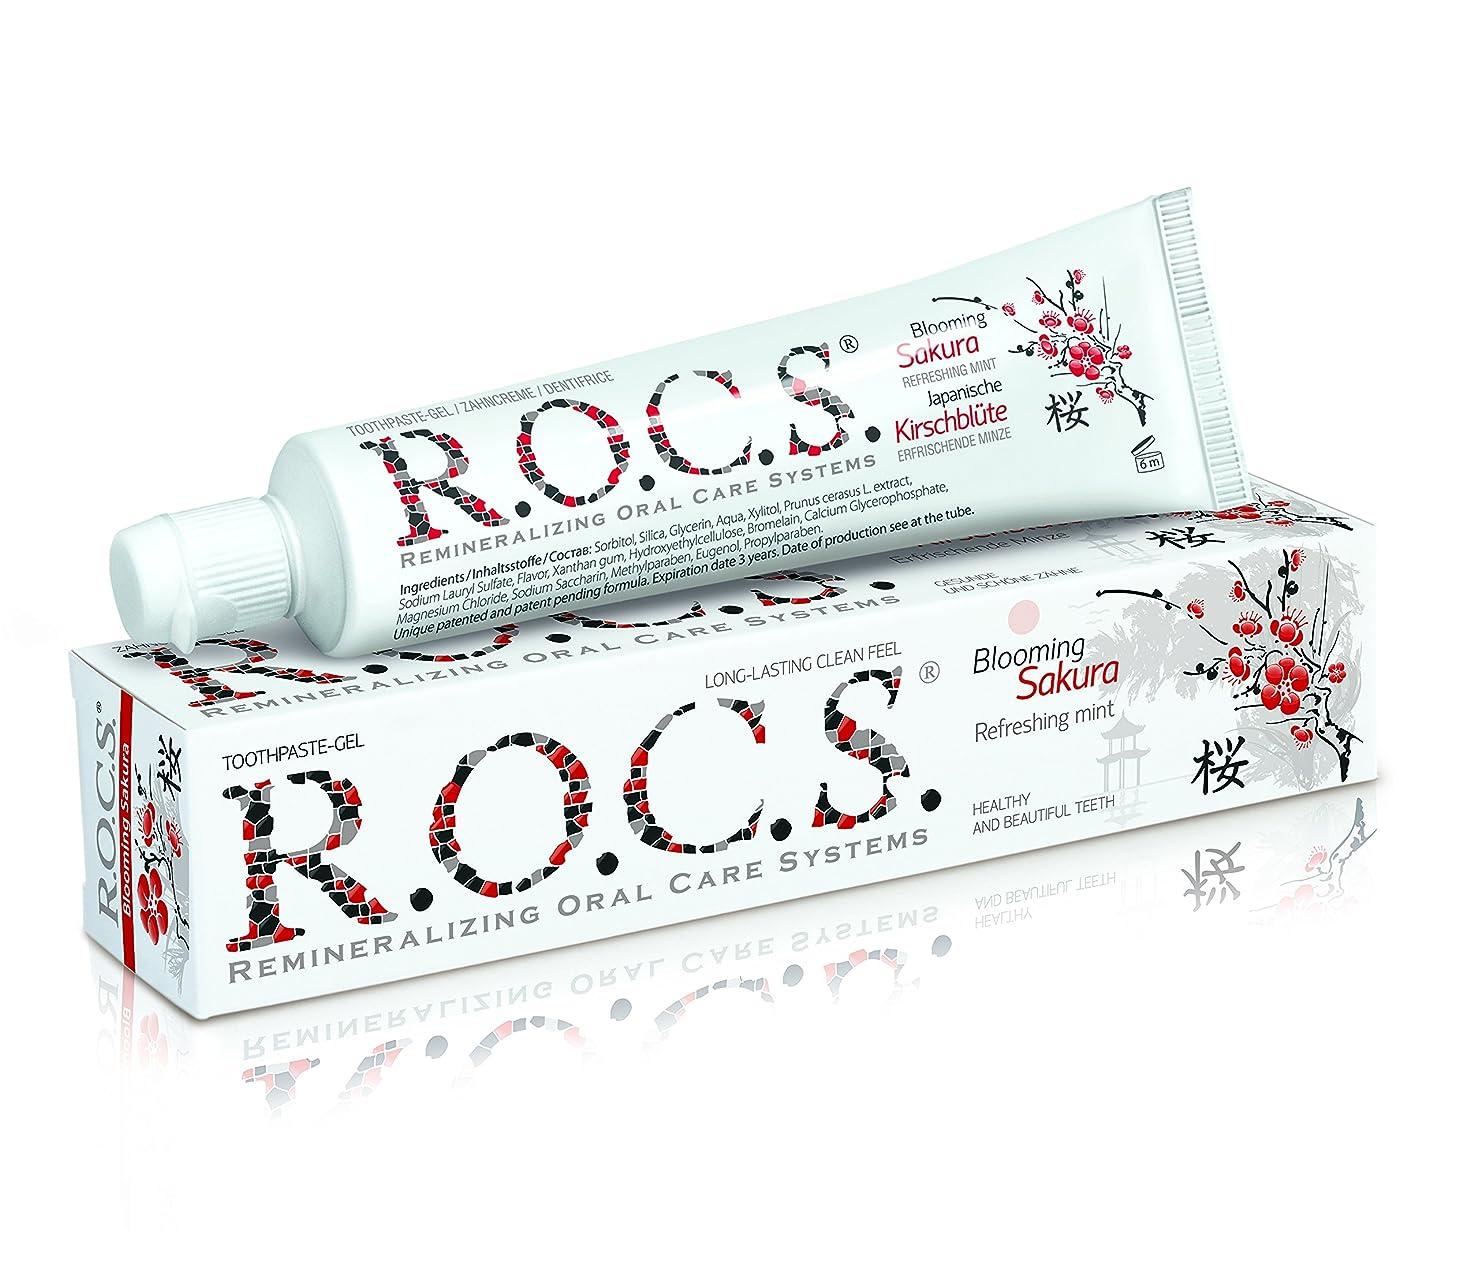 音節空港品揃えR.O.C.S. ロックス歯磨き粉 ブルーミング サクラ